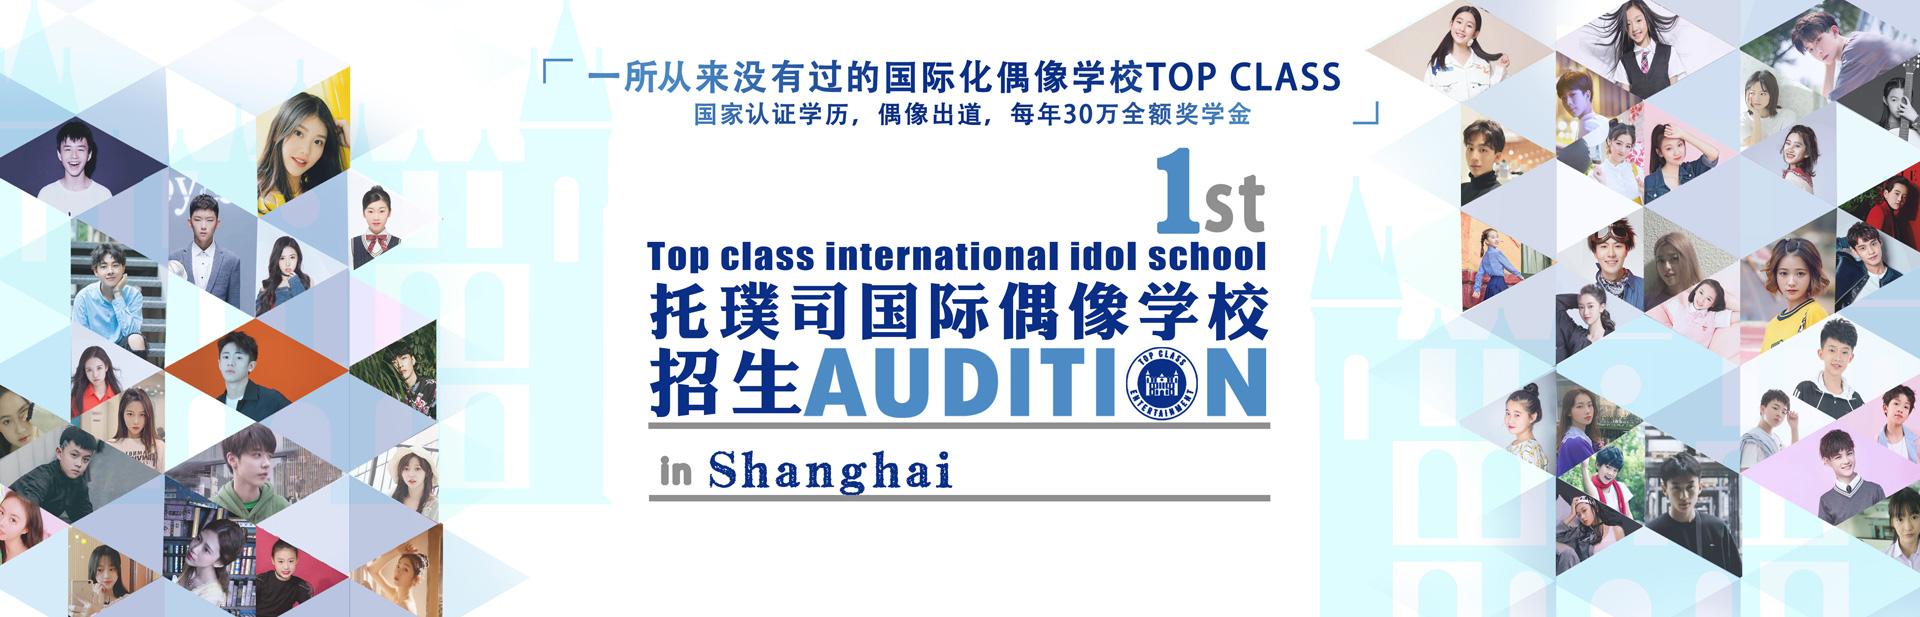 """Top Class托璞司国际偶像学校""""育人育才""""打造中国优质新生力量"""